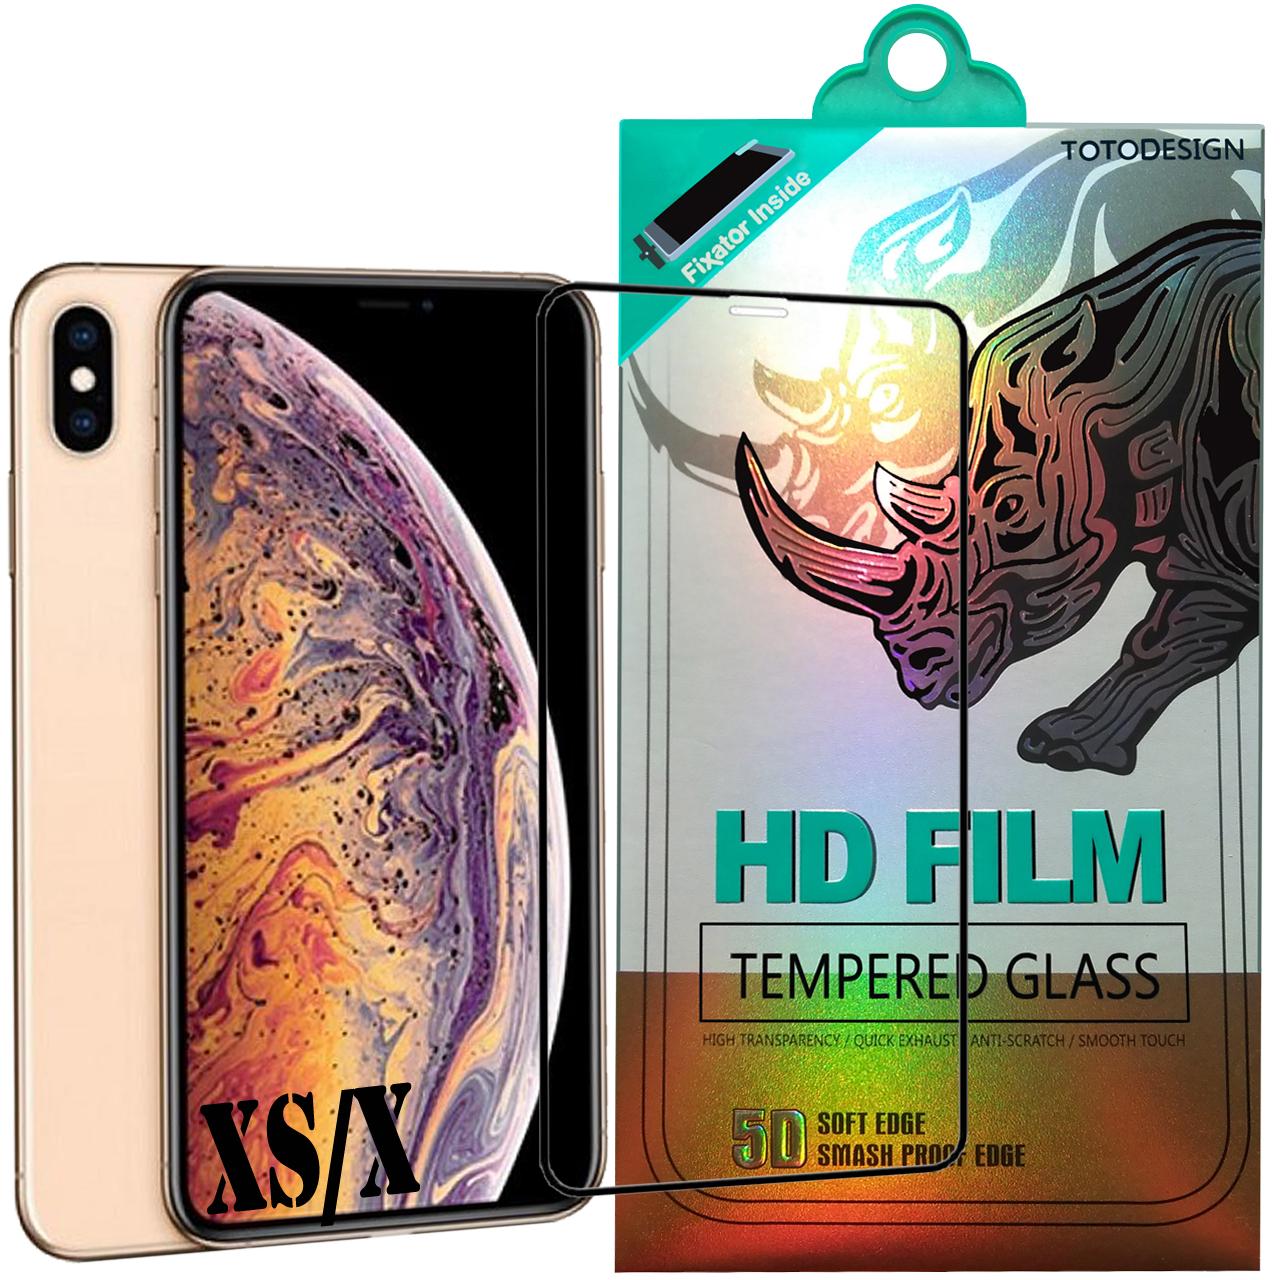 محافظ صفحه نمایش توتو تمام چسب مدل HD1075D مناسب برای گوشی موبایل اپل iPhone Xs/x